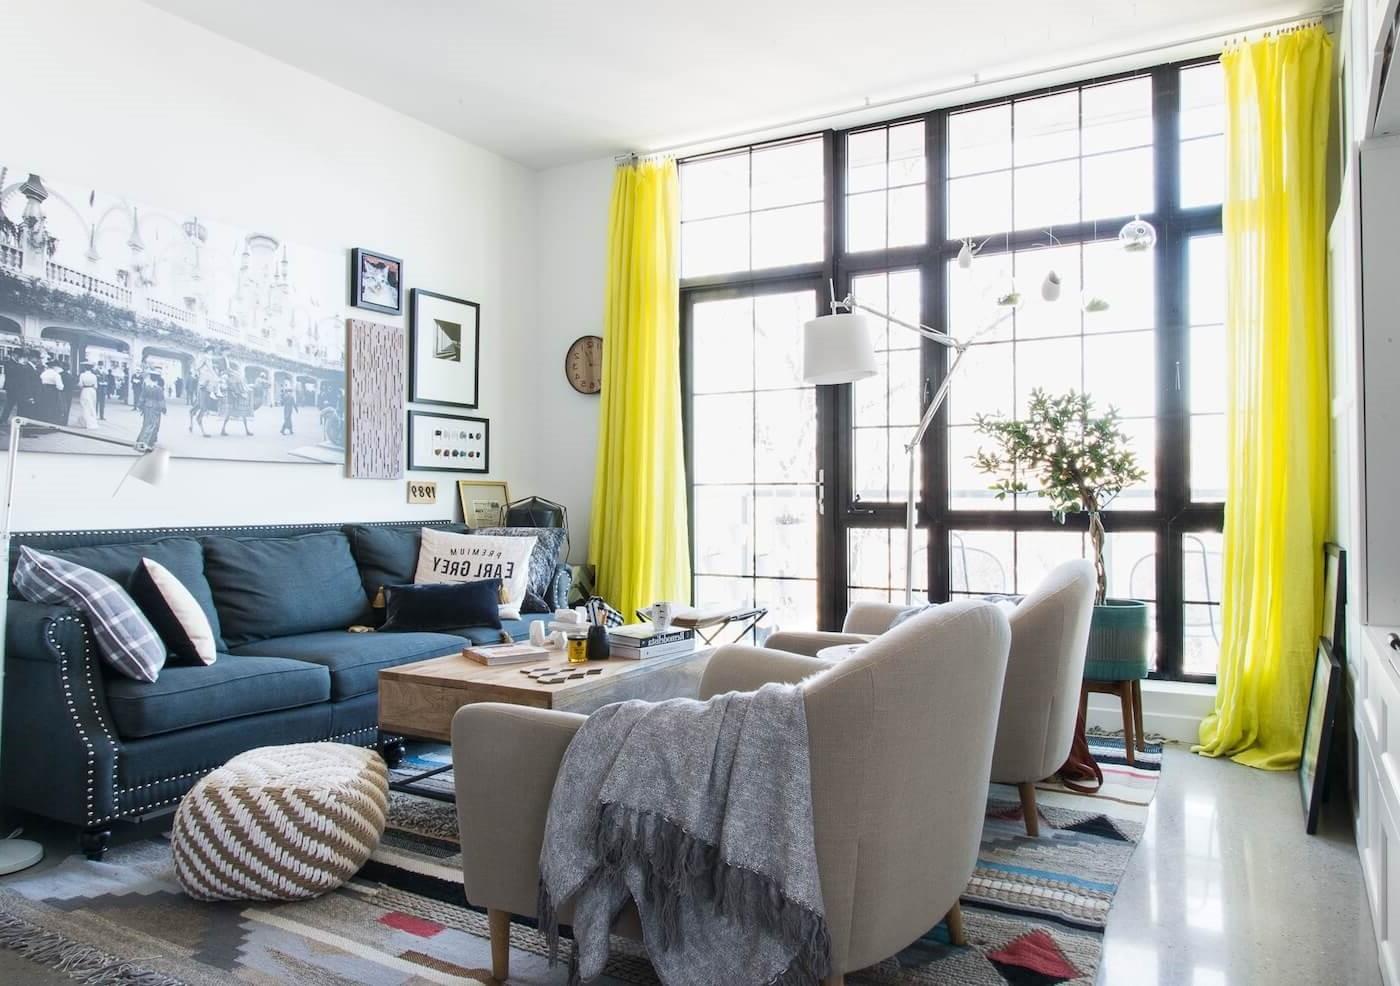 Ajoutez de la couleur à votre pièce en choisissant des rideaux dans une nuance audacieuse.